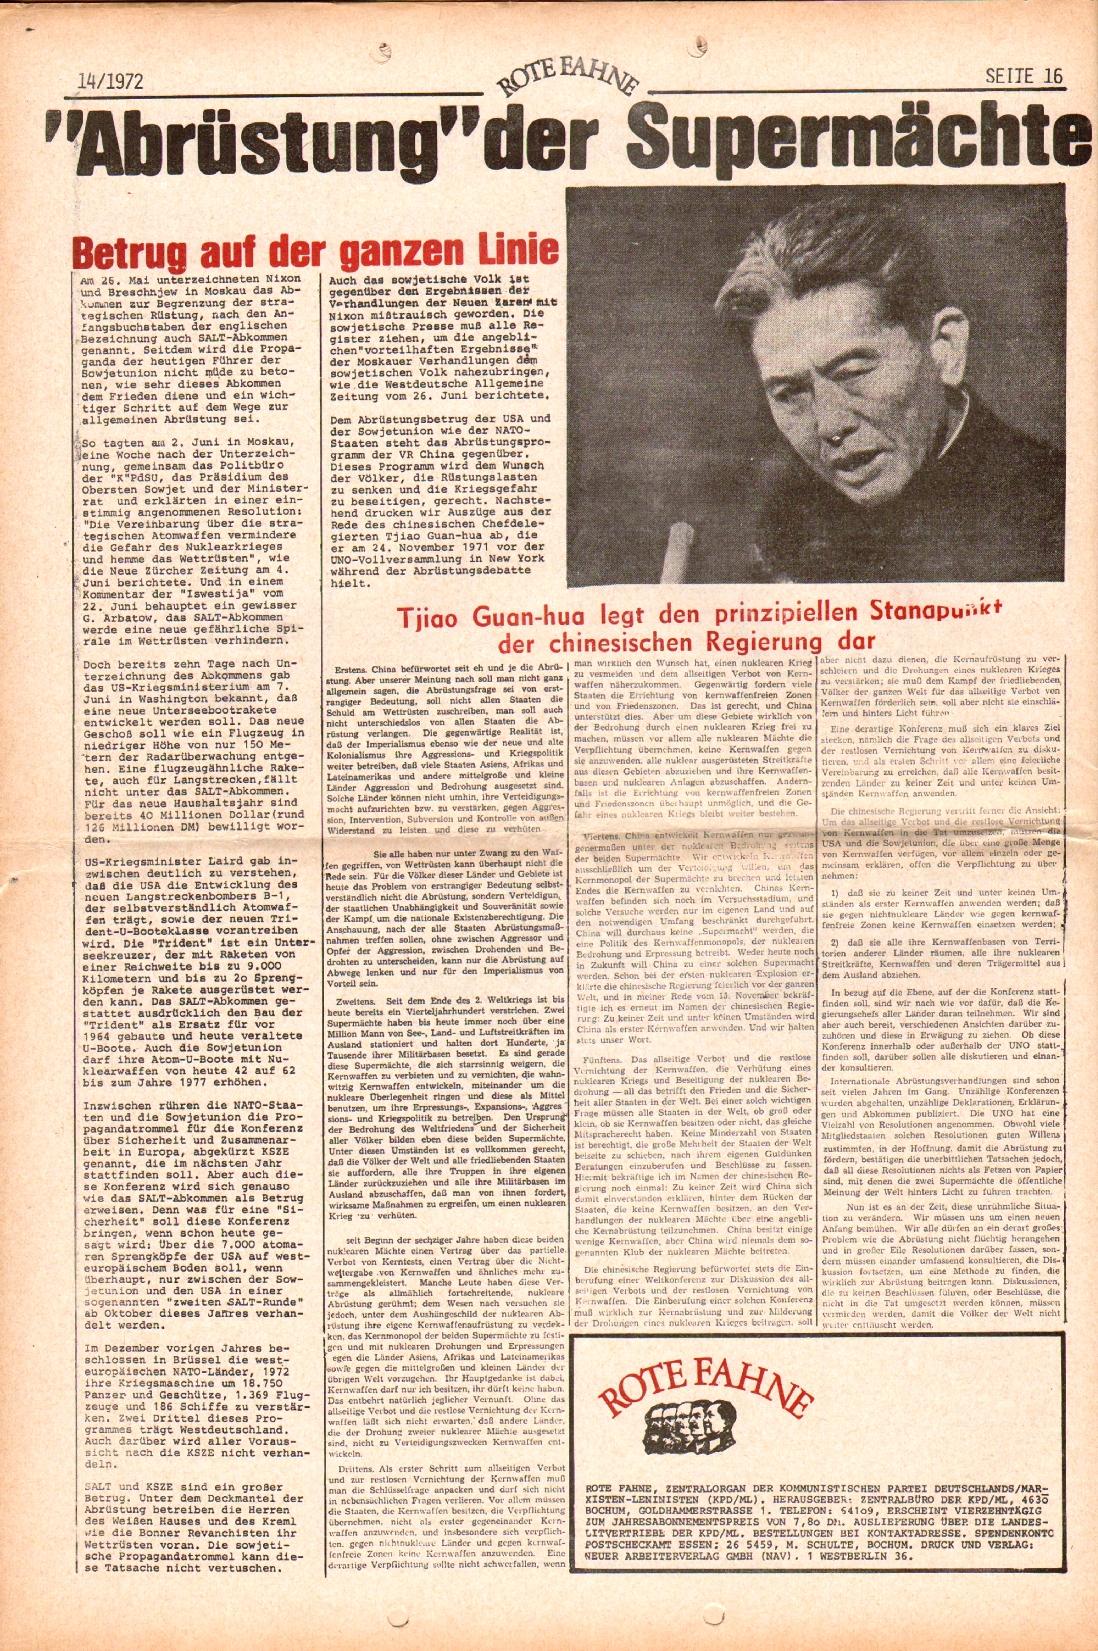 Rote Fahne, 3. Jg., 10.7.1972, Nr. 14, Seite 16